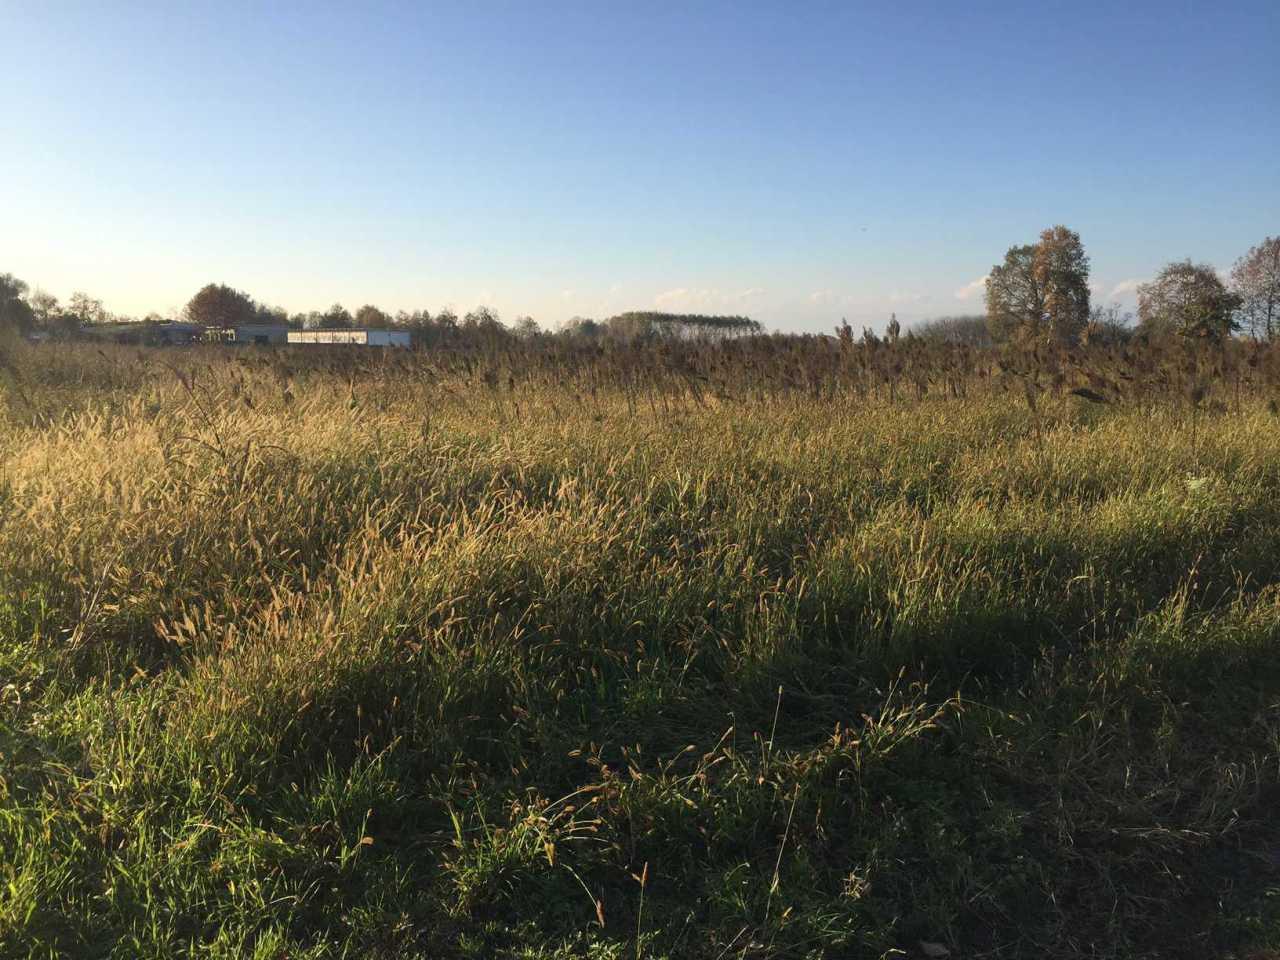 Terreno Agricolo in vendita a San Martino di Lupari, 1 locali, prezzo € 56.000   Cambio Casa.it